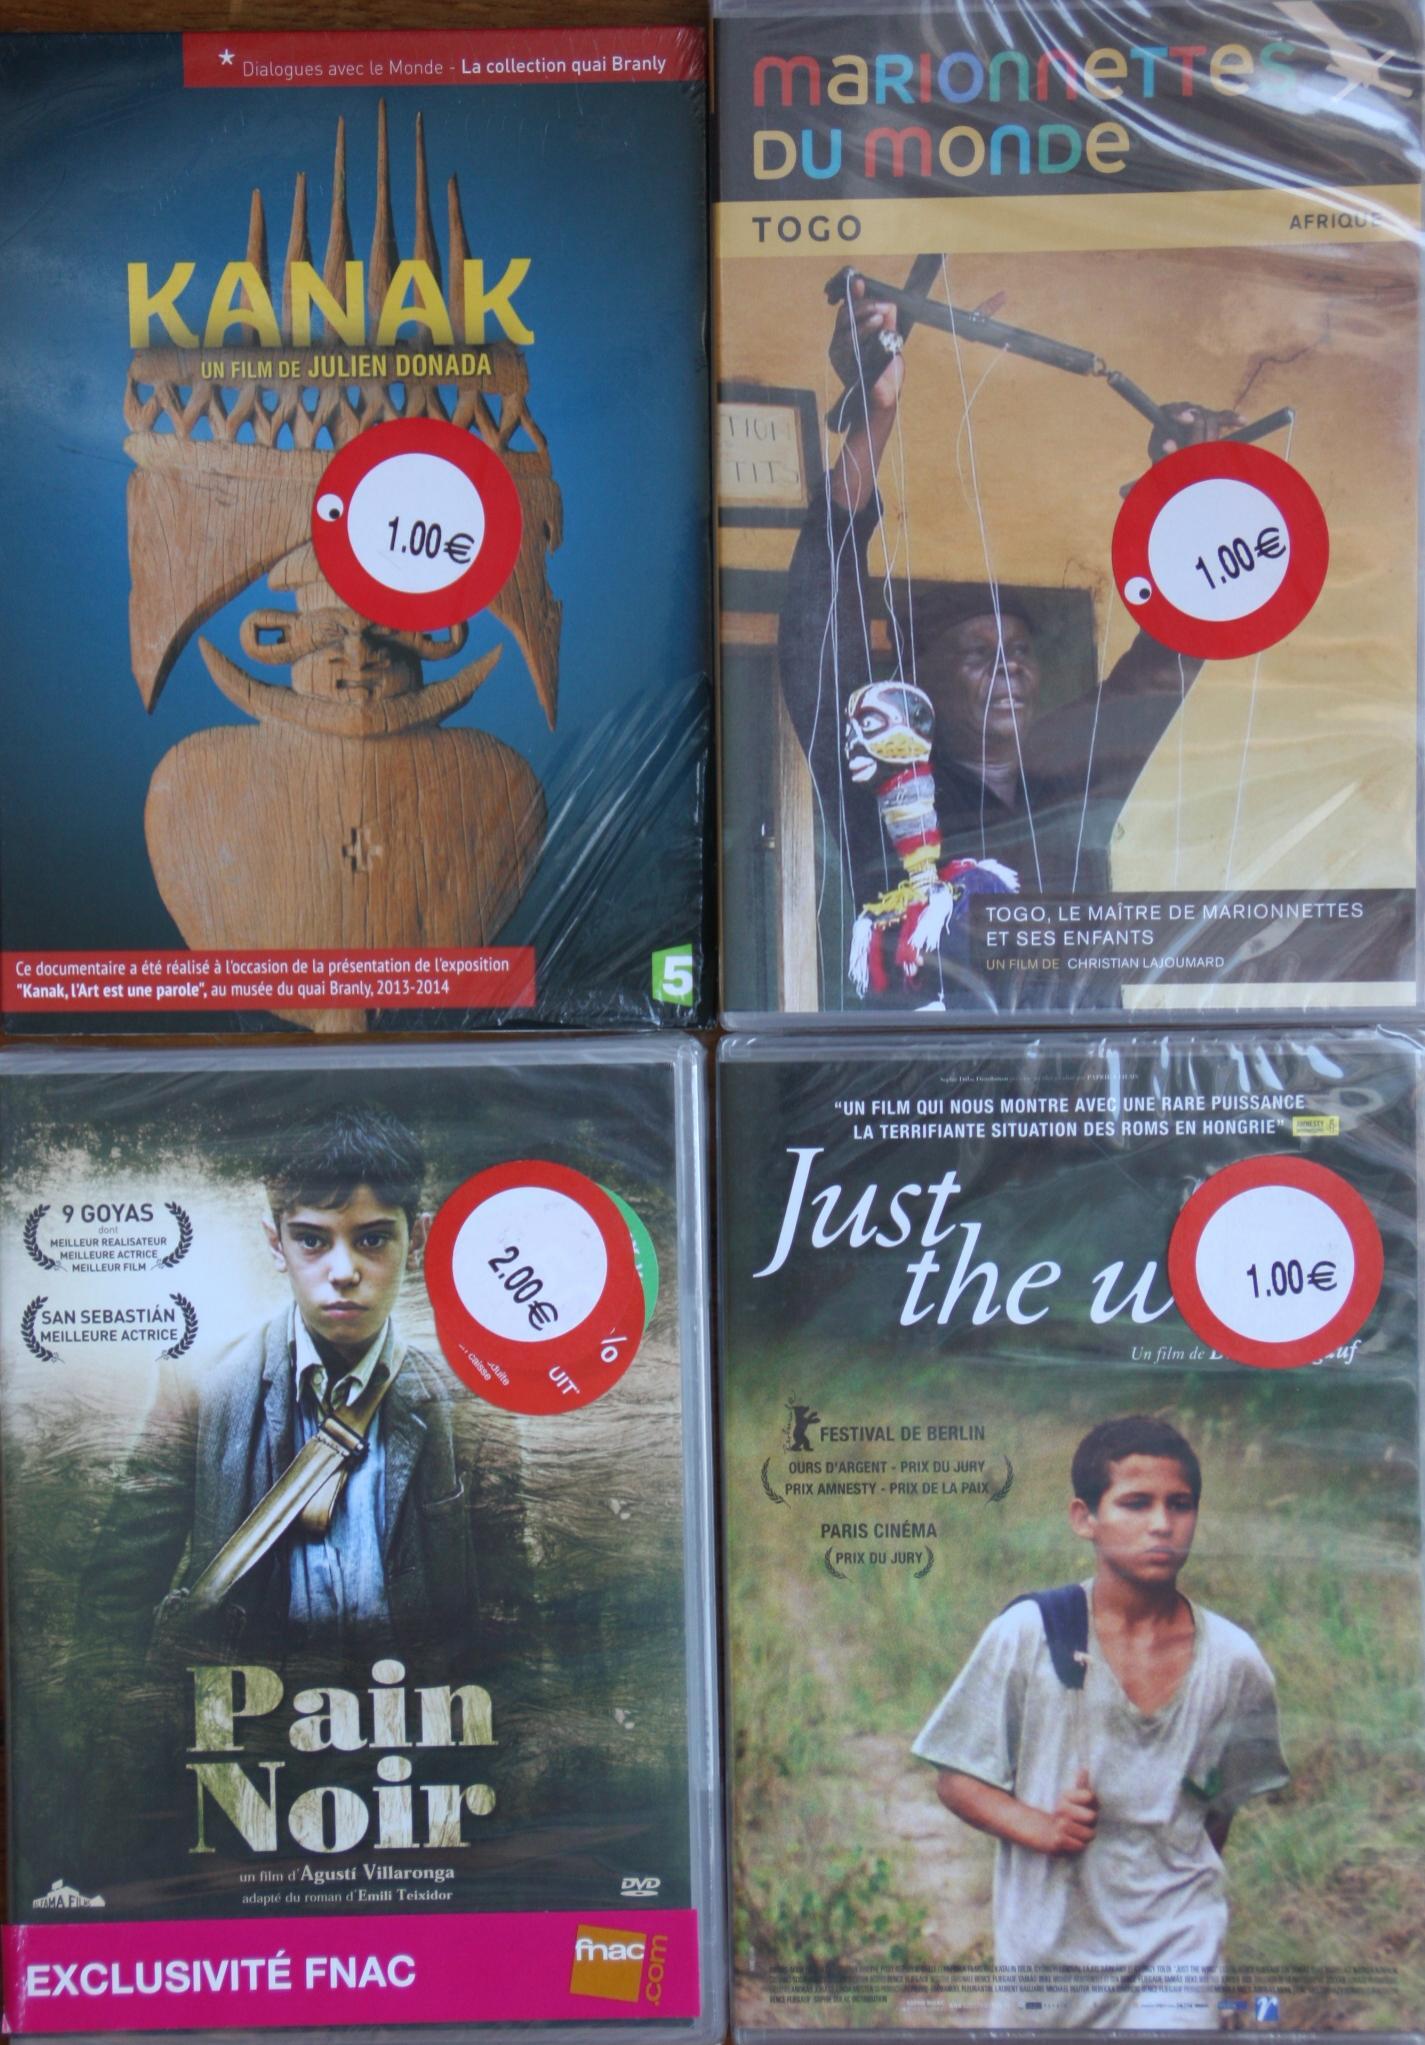 Sélection de DVDs de films et documentaires à 1€ - Ex : DVD Marionnettes du monde Togo